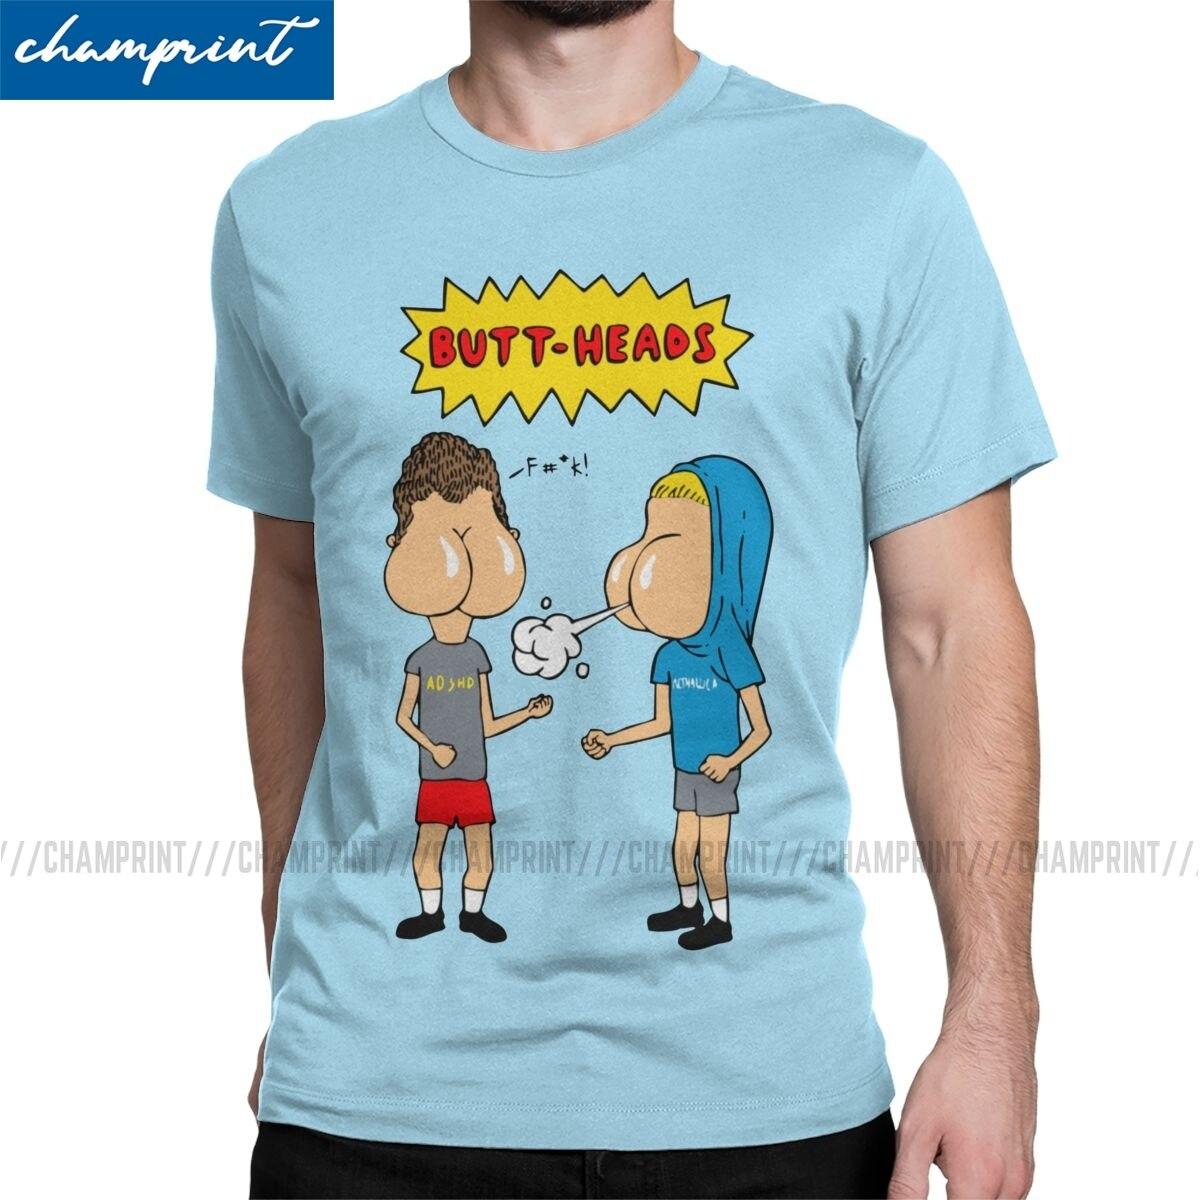 Мужская футболка с круглым вырезом Buttheads, Винтажная футболка с забавной музыкой и мультипликационным принтом, футболка размера плюс, Beavis и ...